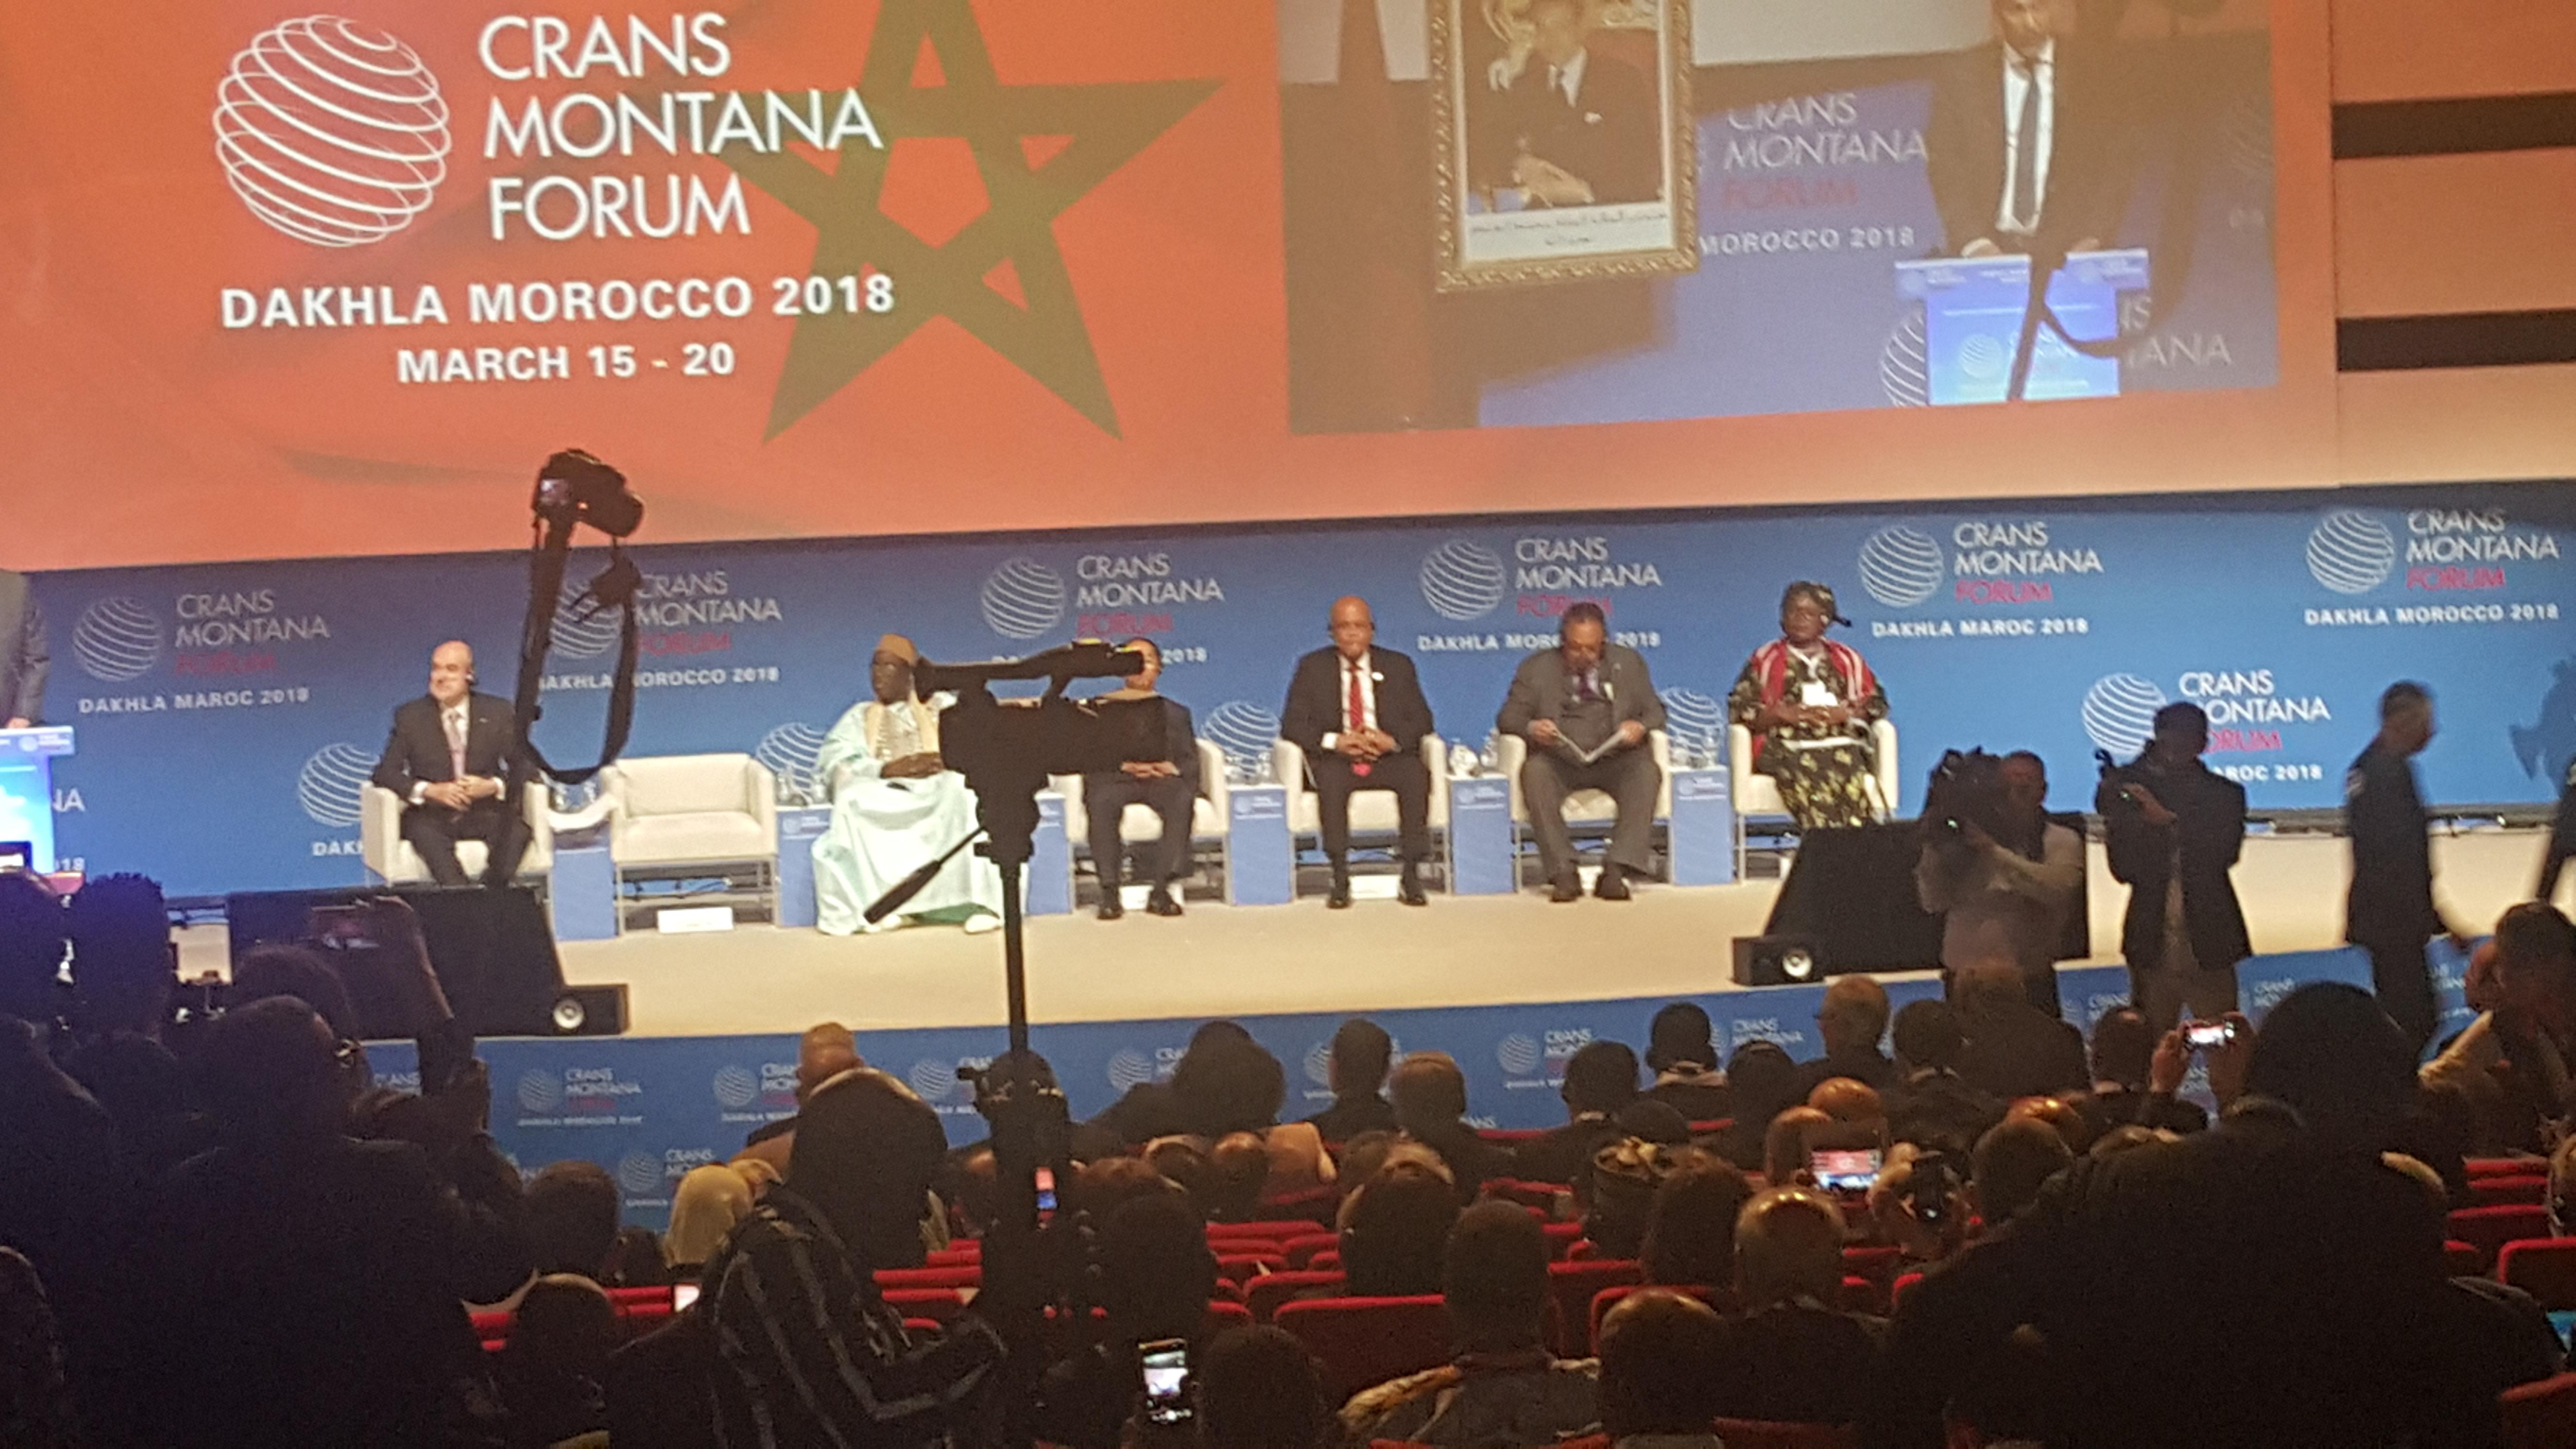 كرانس مونتانا… إشادة دولية كبيرة بالتزام المغرب لفائدة التنمية المستدامة بإفريقيا